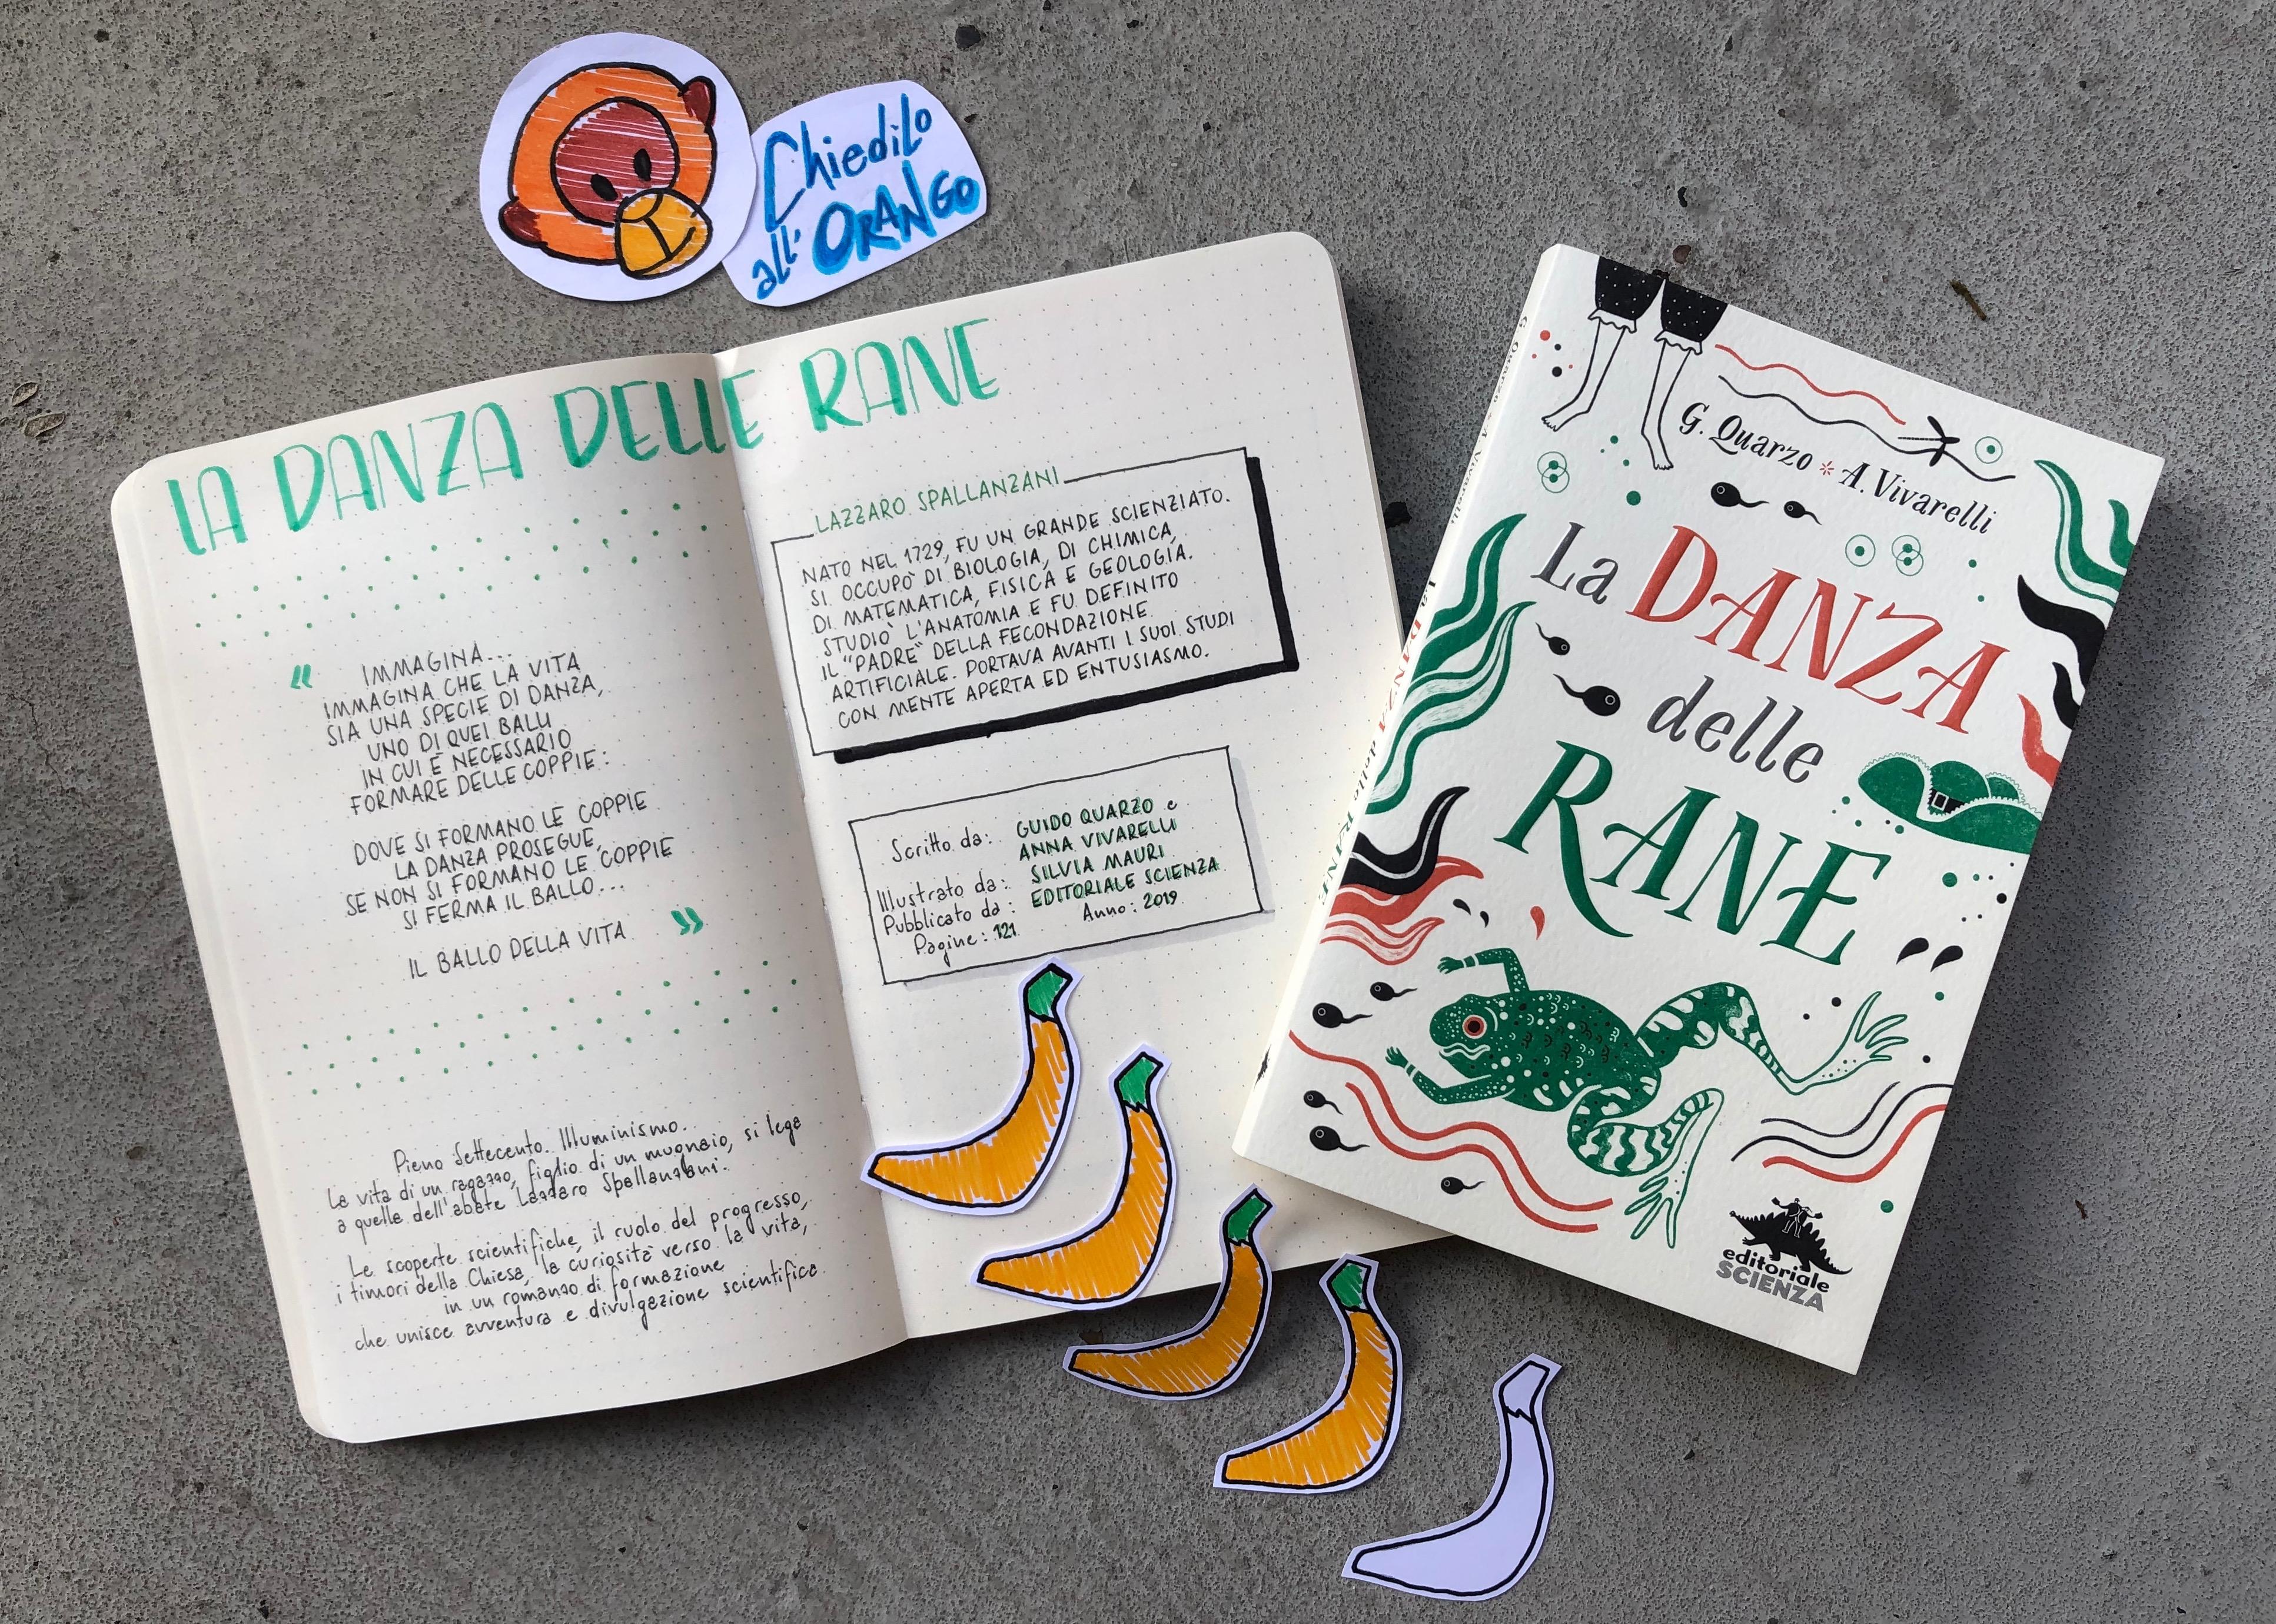 La danza delle rane - Graphic Review